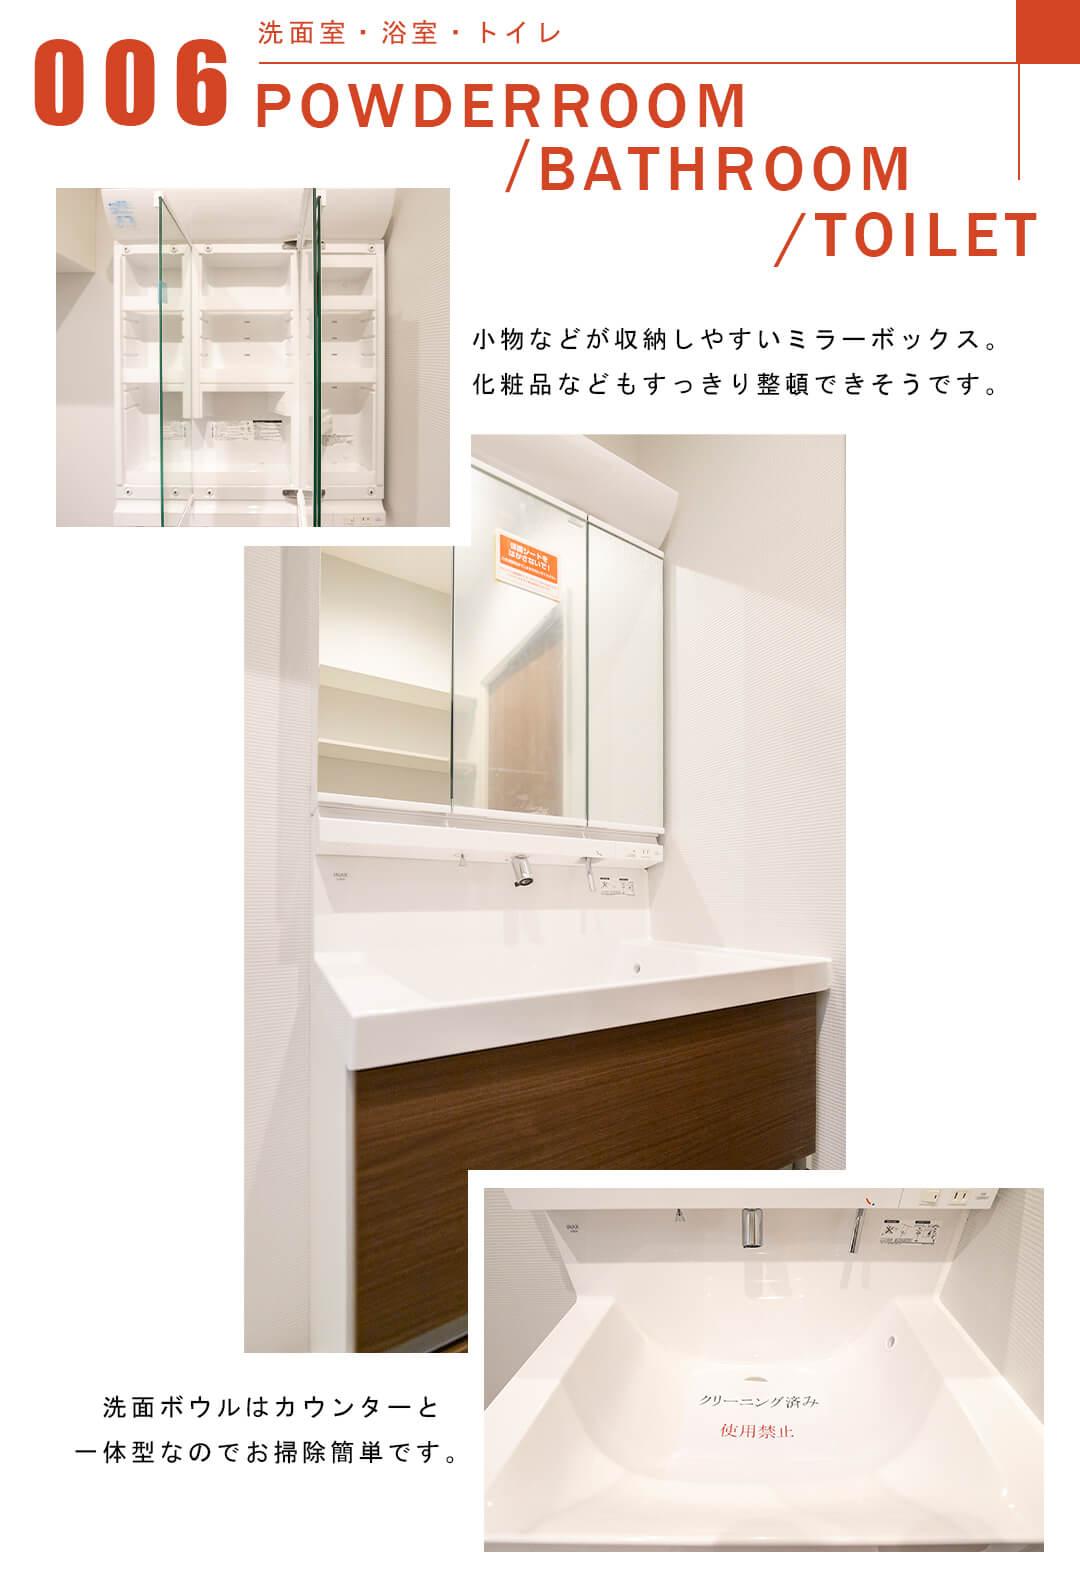 006浴室,洗面室,トイレ,Bathroom,Powderroom,Toilet